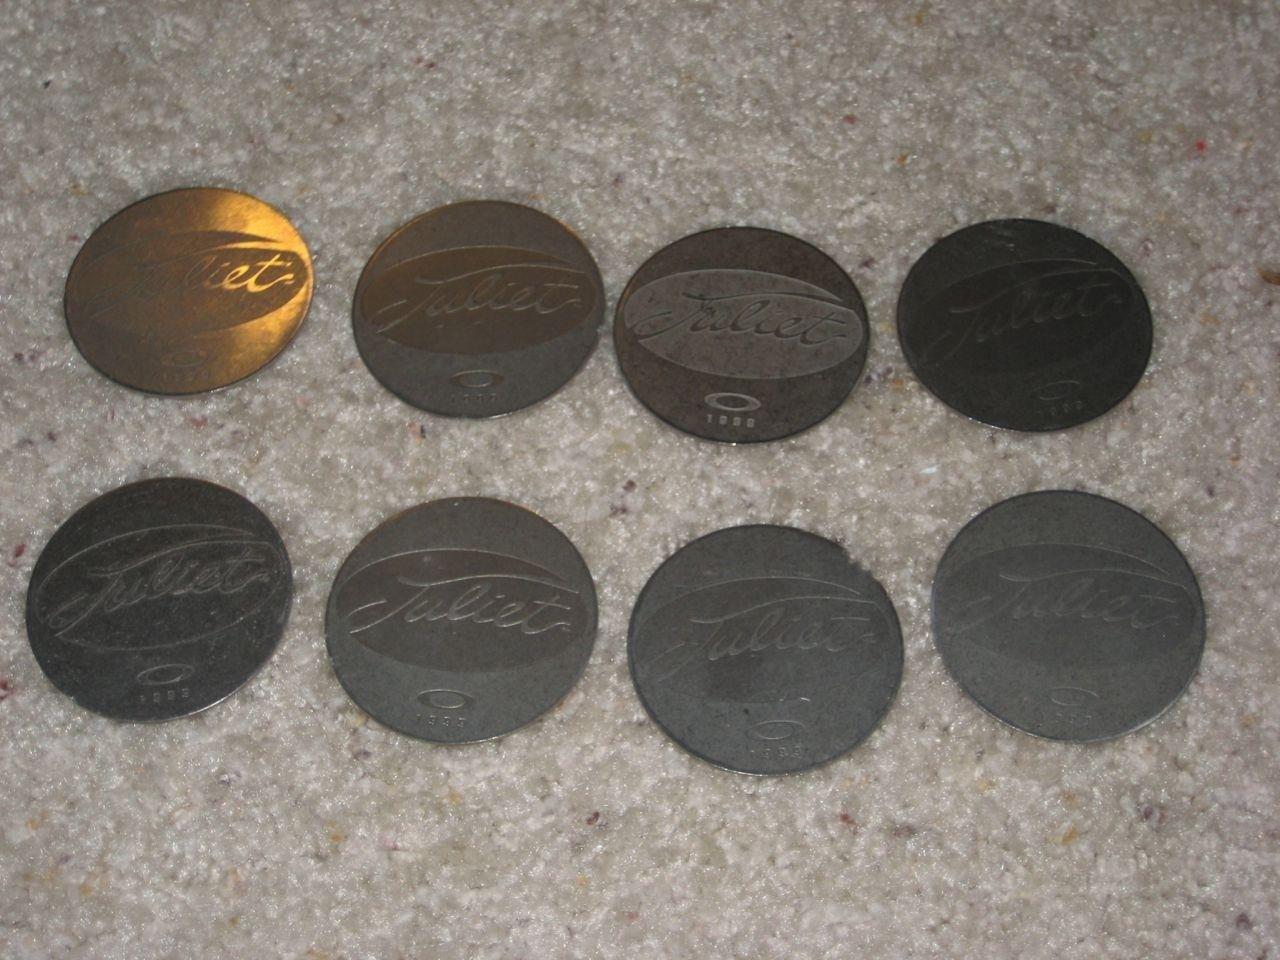 Oakley Juliet And Penny Coins - oak42.jpg